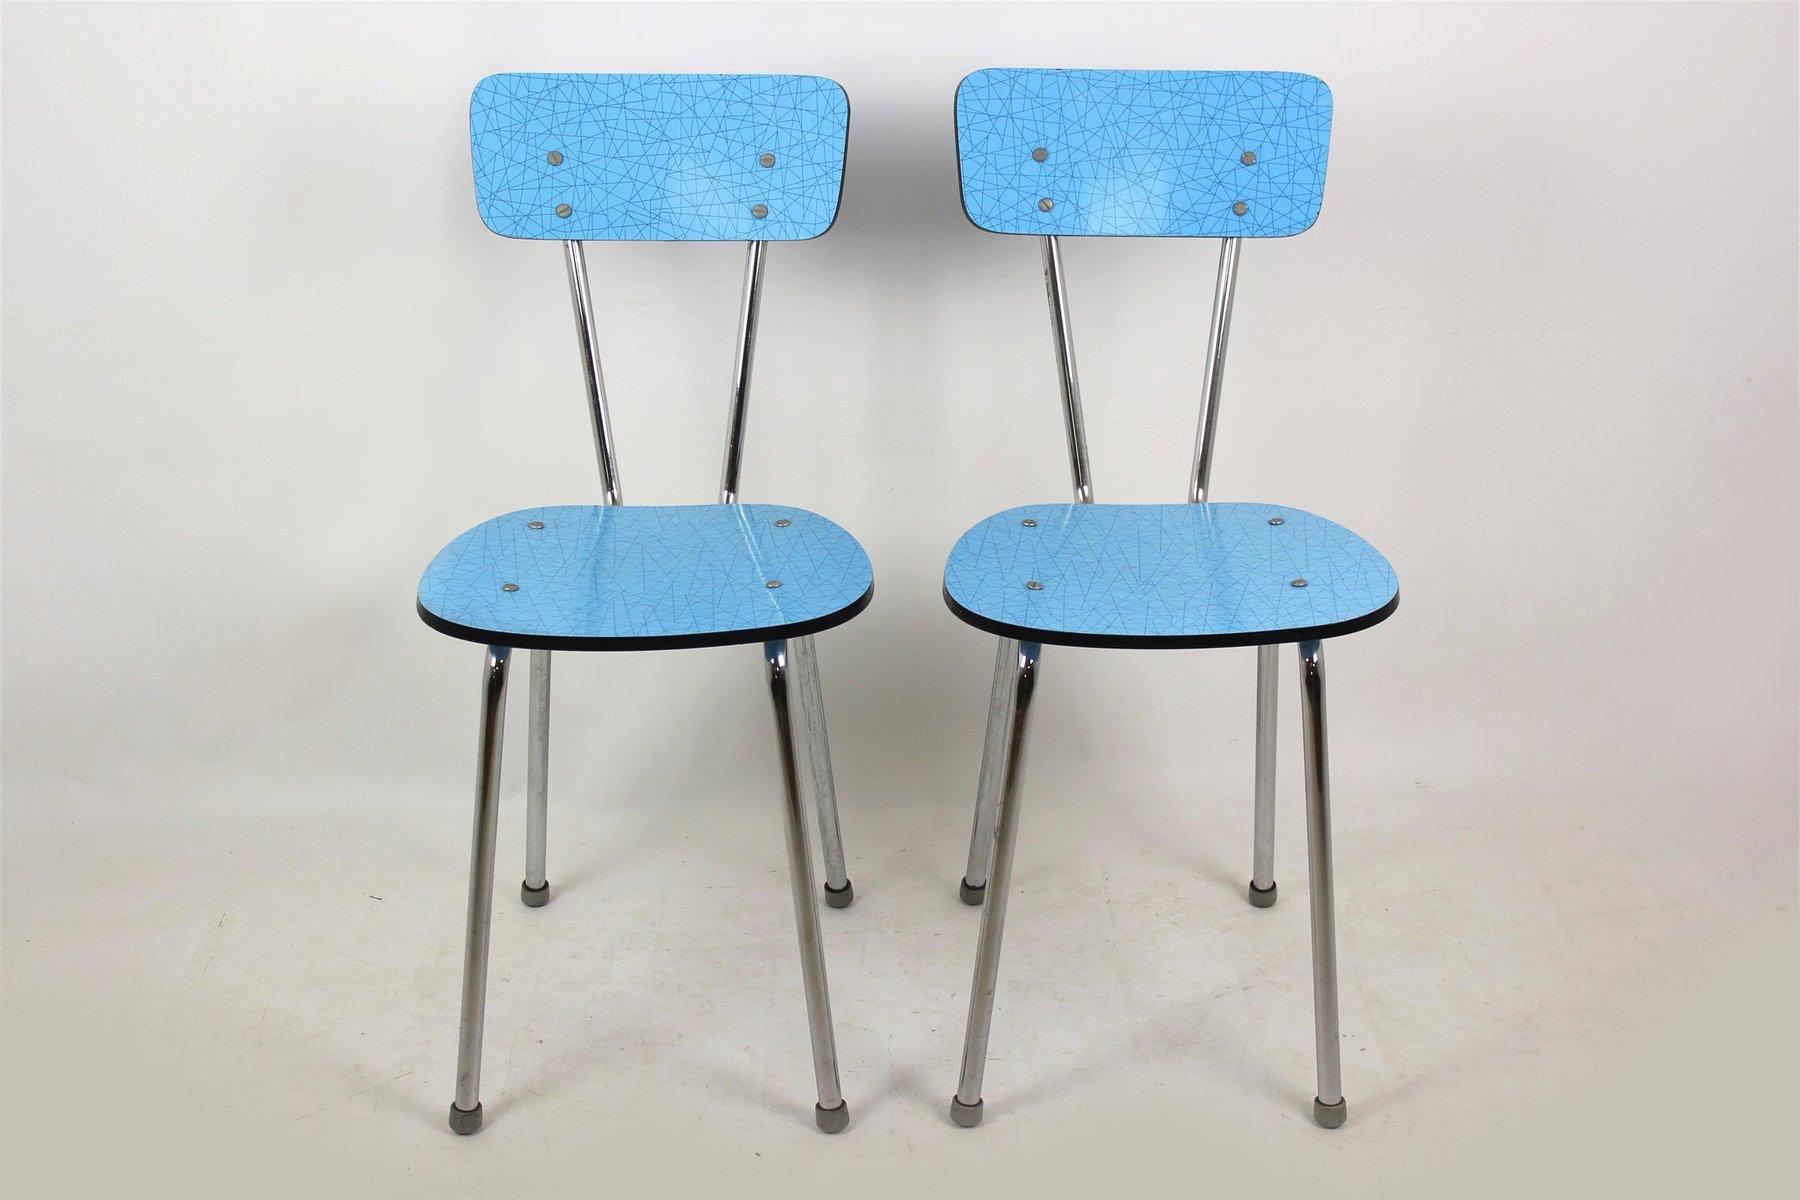 Sedie da cucina in formica blu, anni \'70, set di 2 in vendita su Pamono